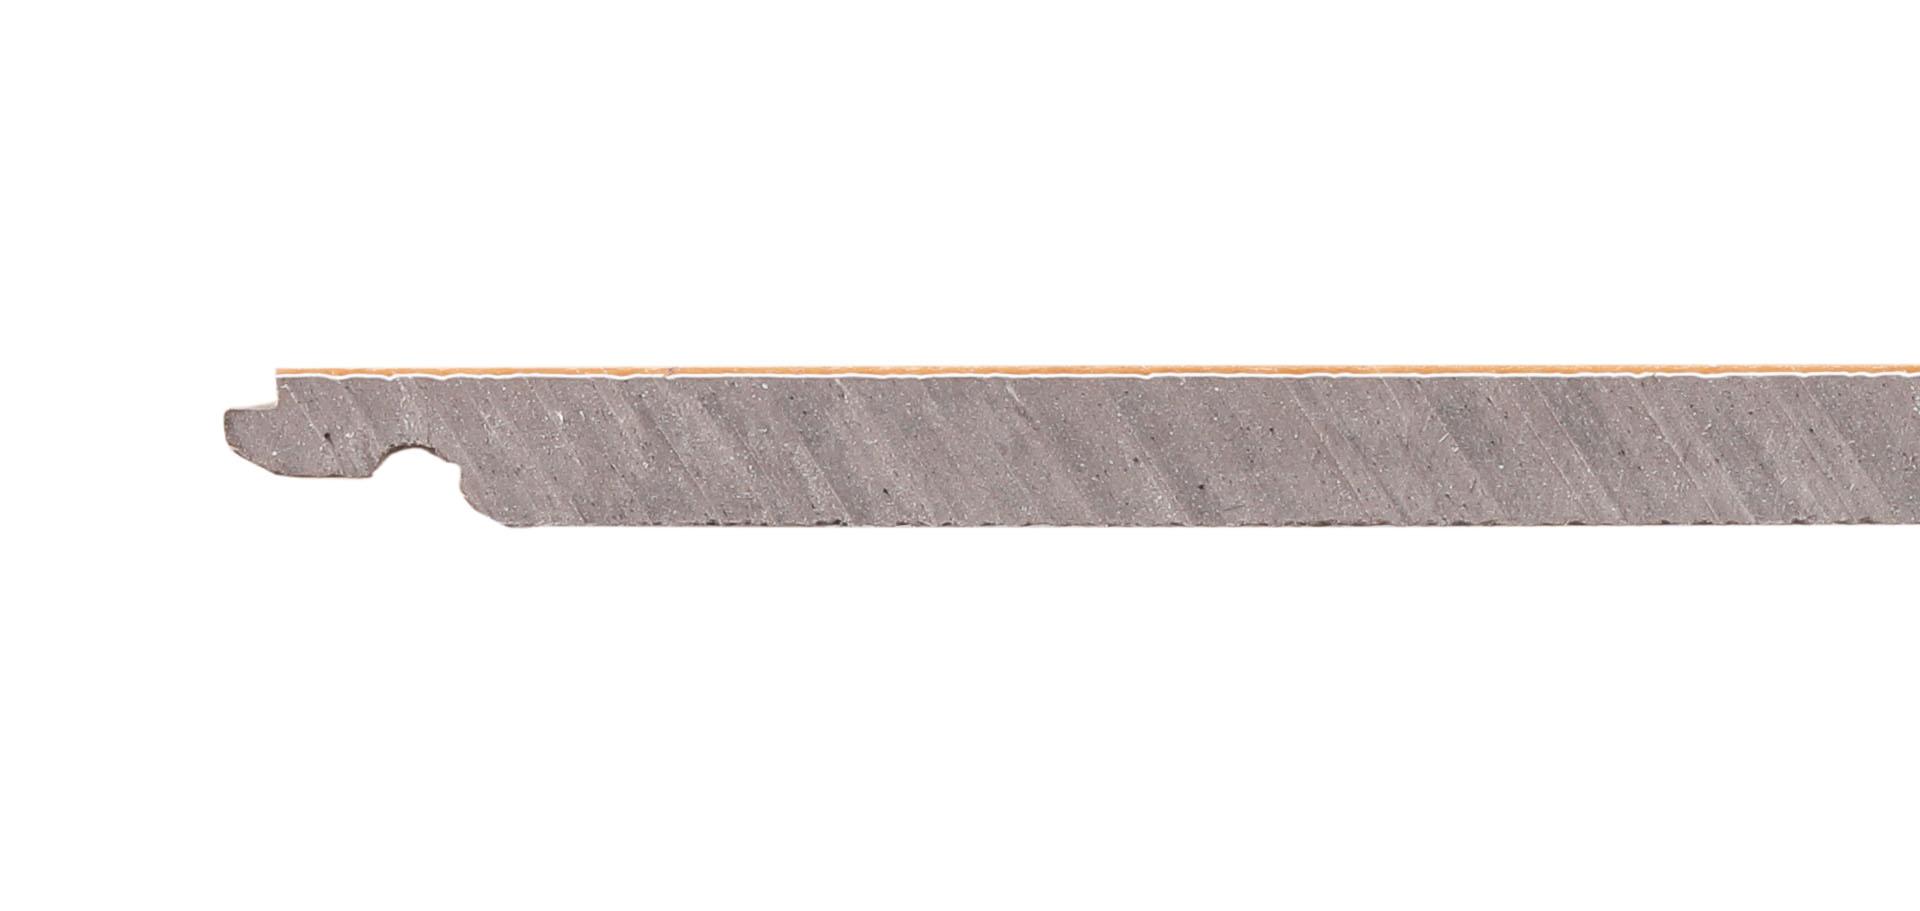 Vinflloors-40-Basic-Querschnitt-Detail-Vinylboden-Hart-PVC_Profil